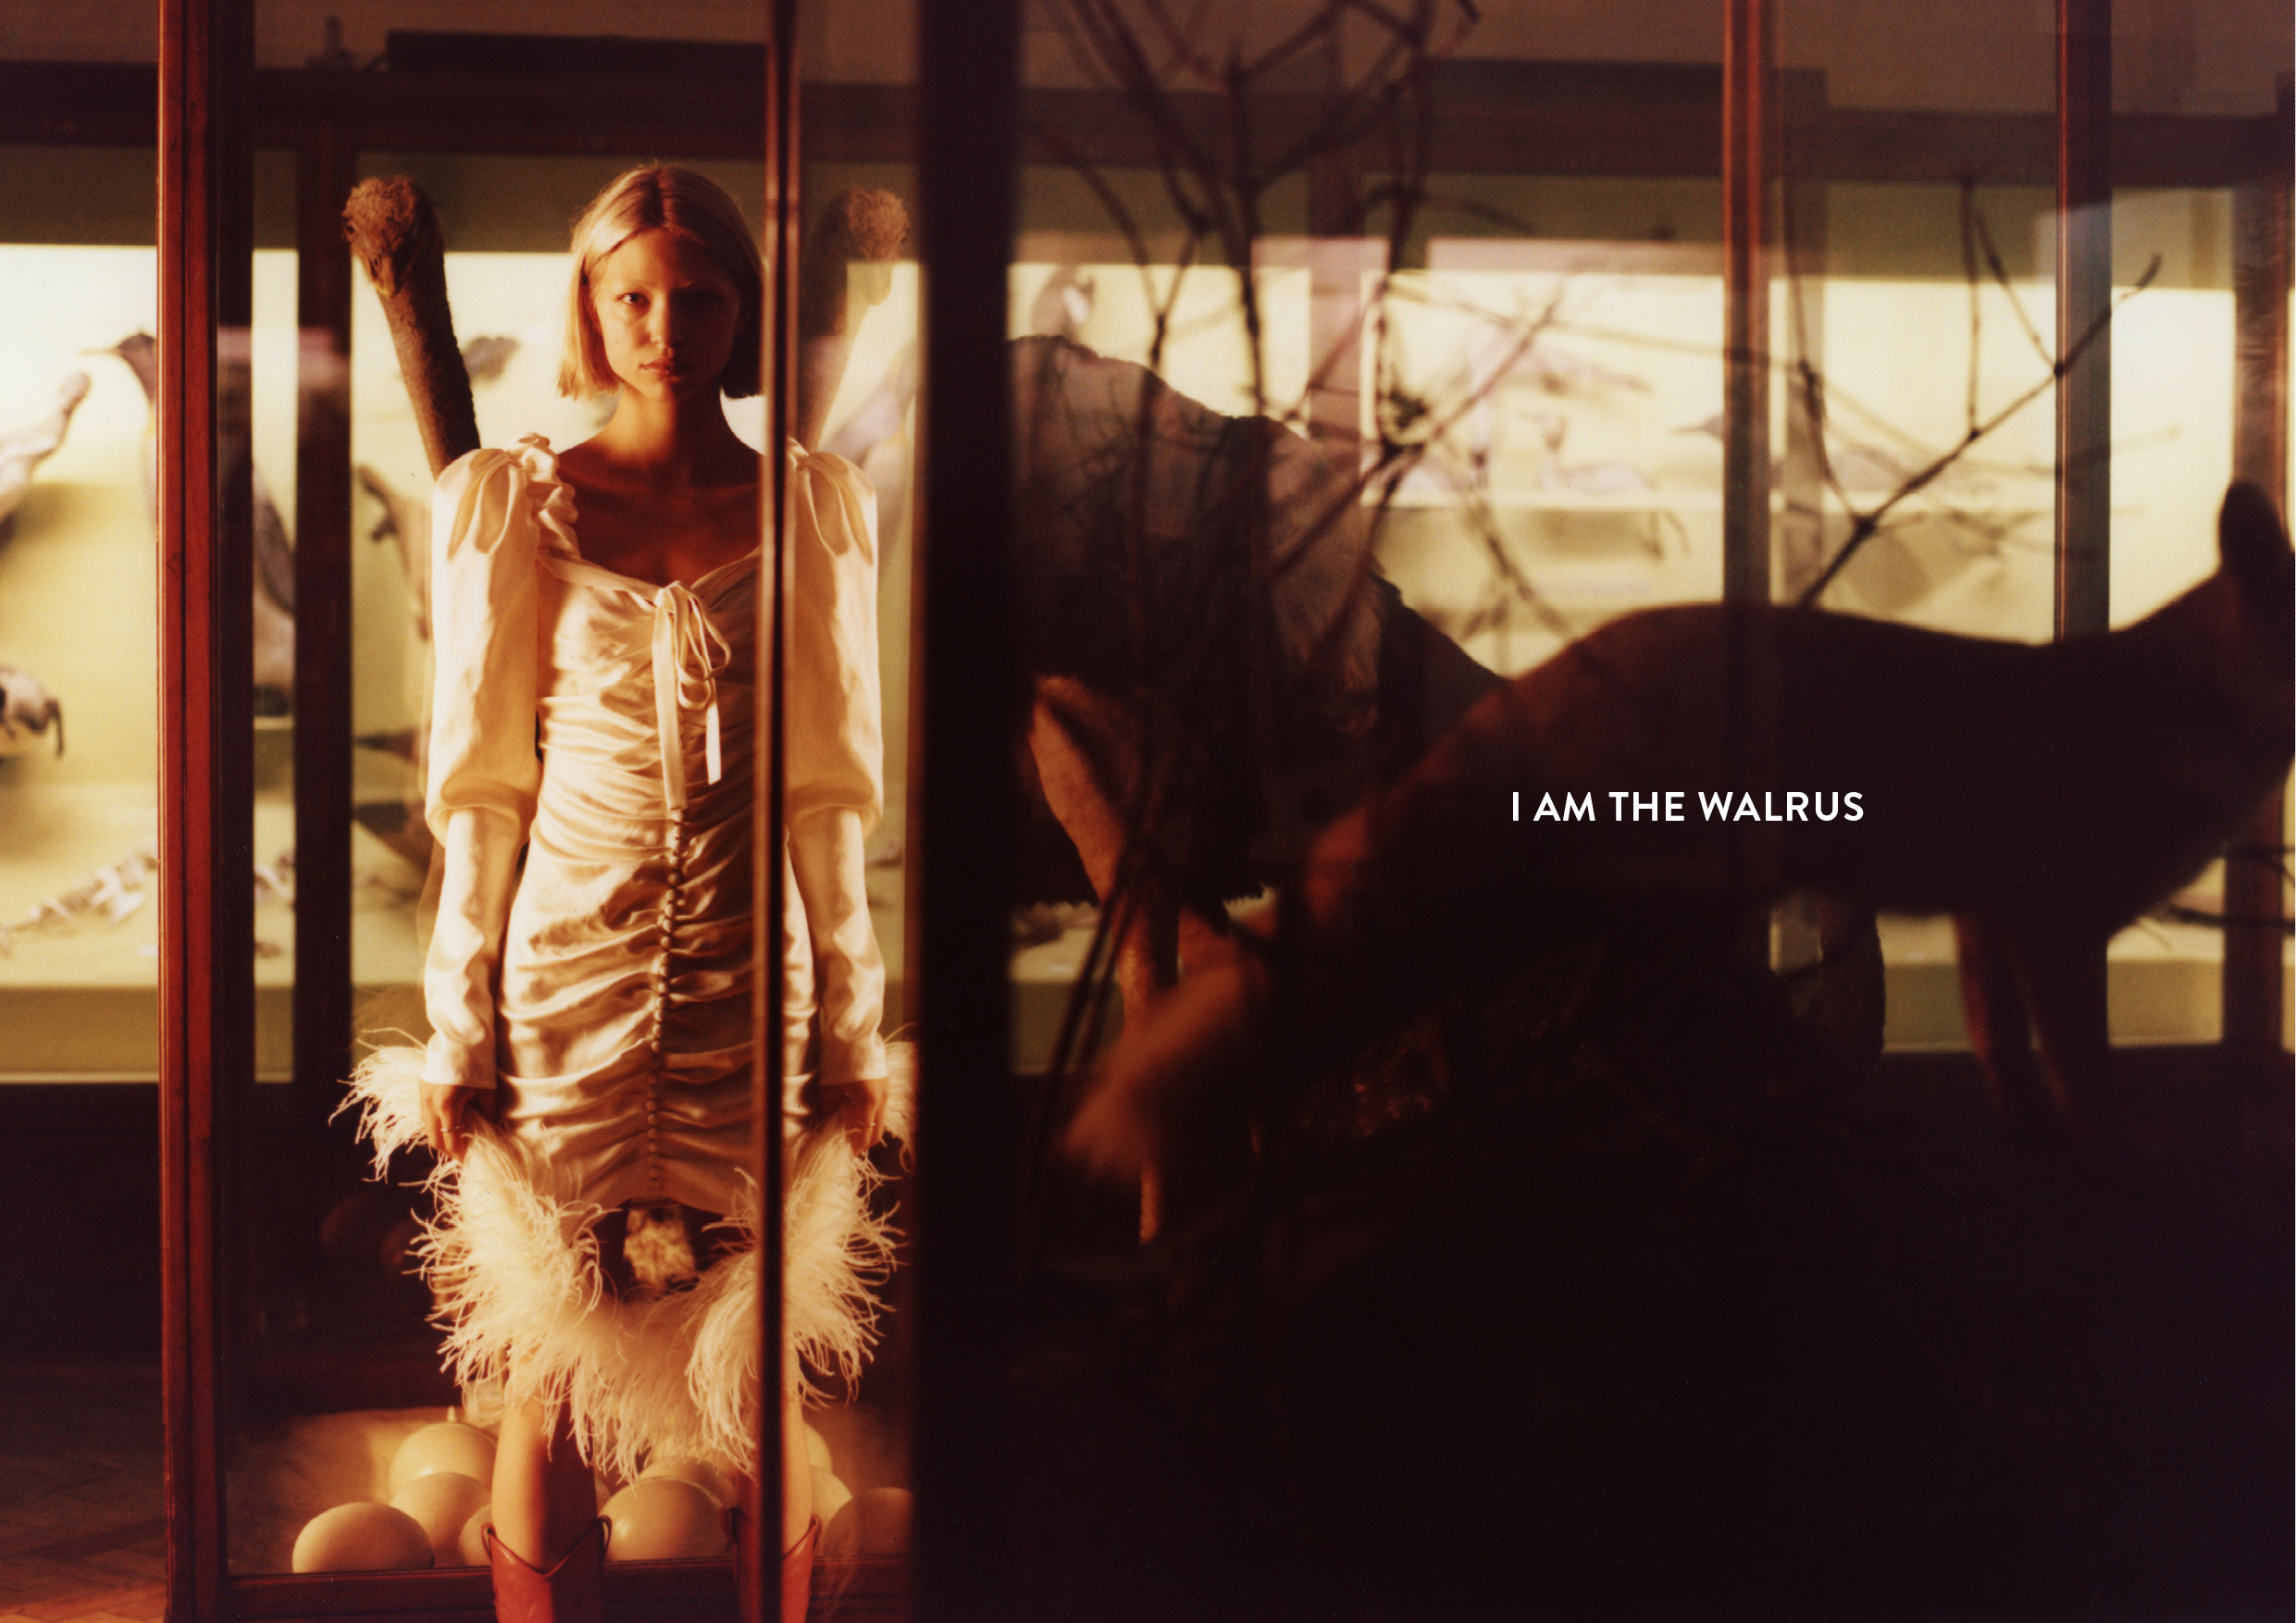 WALRUS_01.jpg